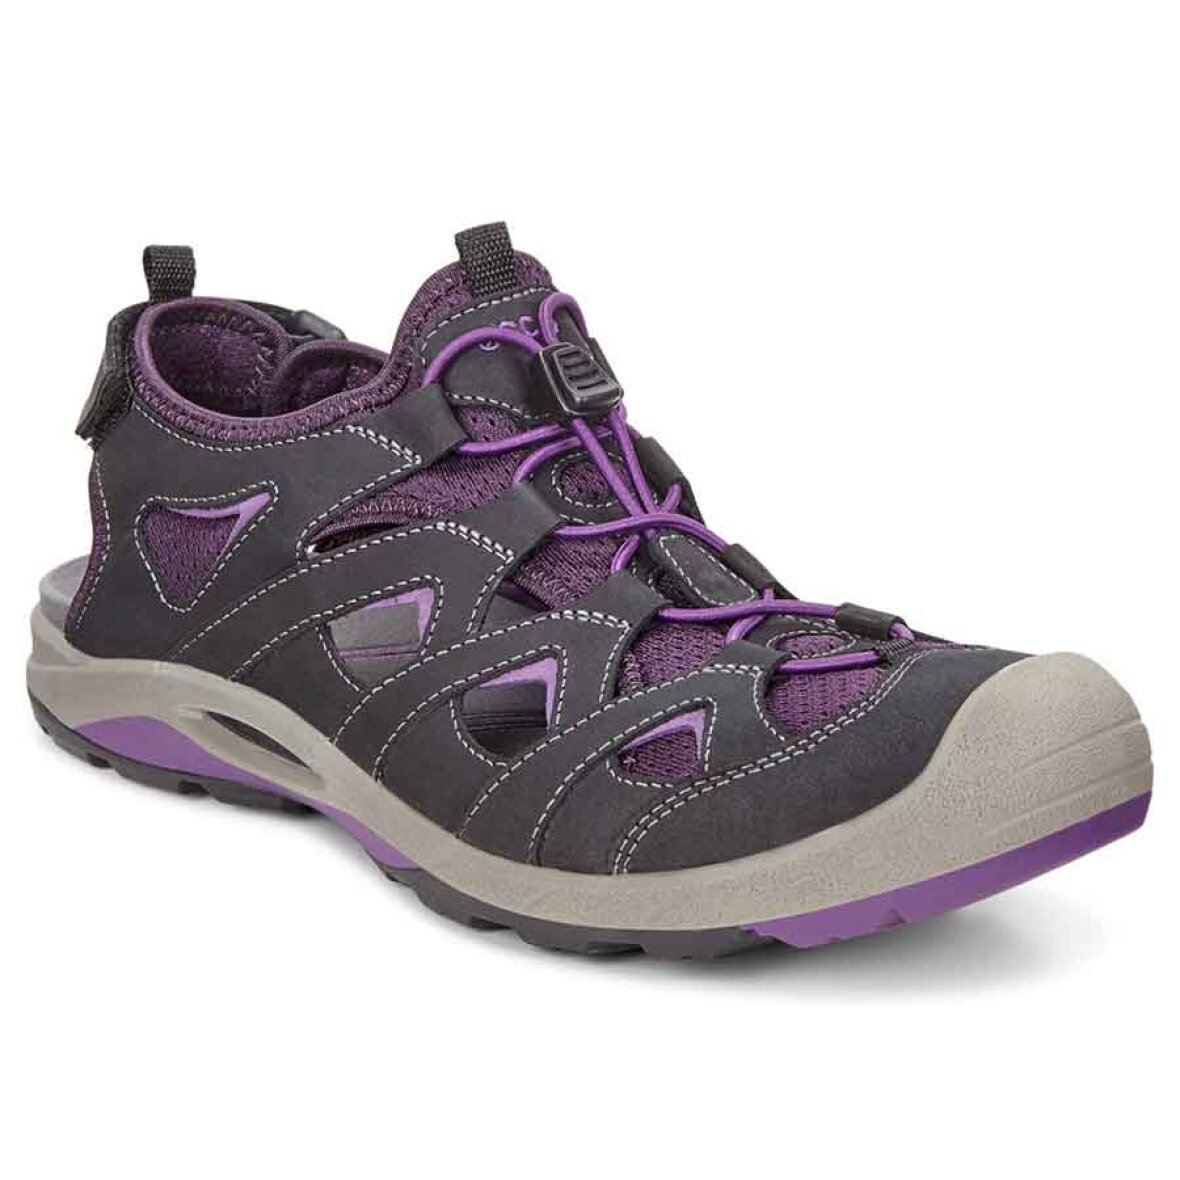 093f0a5e243 Biom Delta - Eminent sandalsko fra ECCO   Se den her og køb!